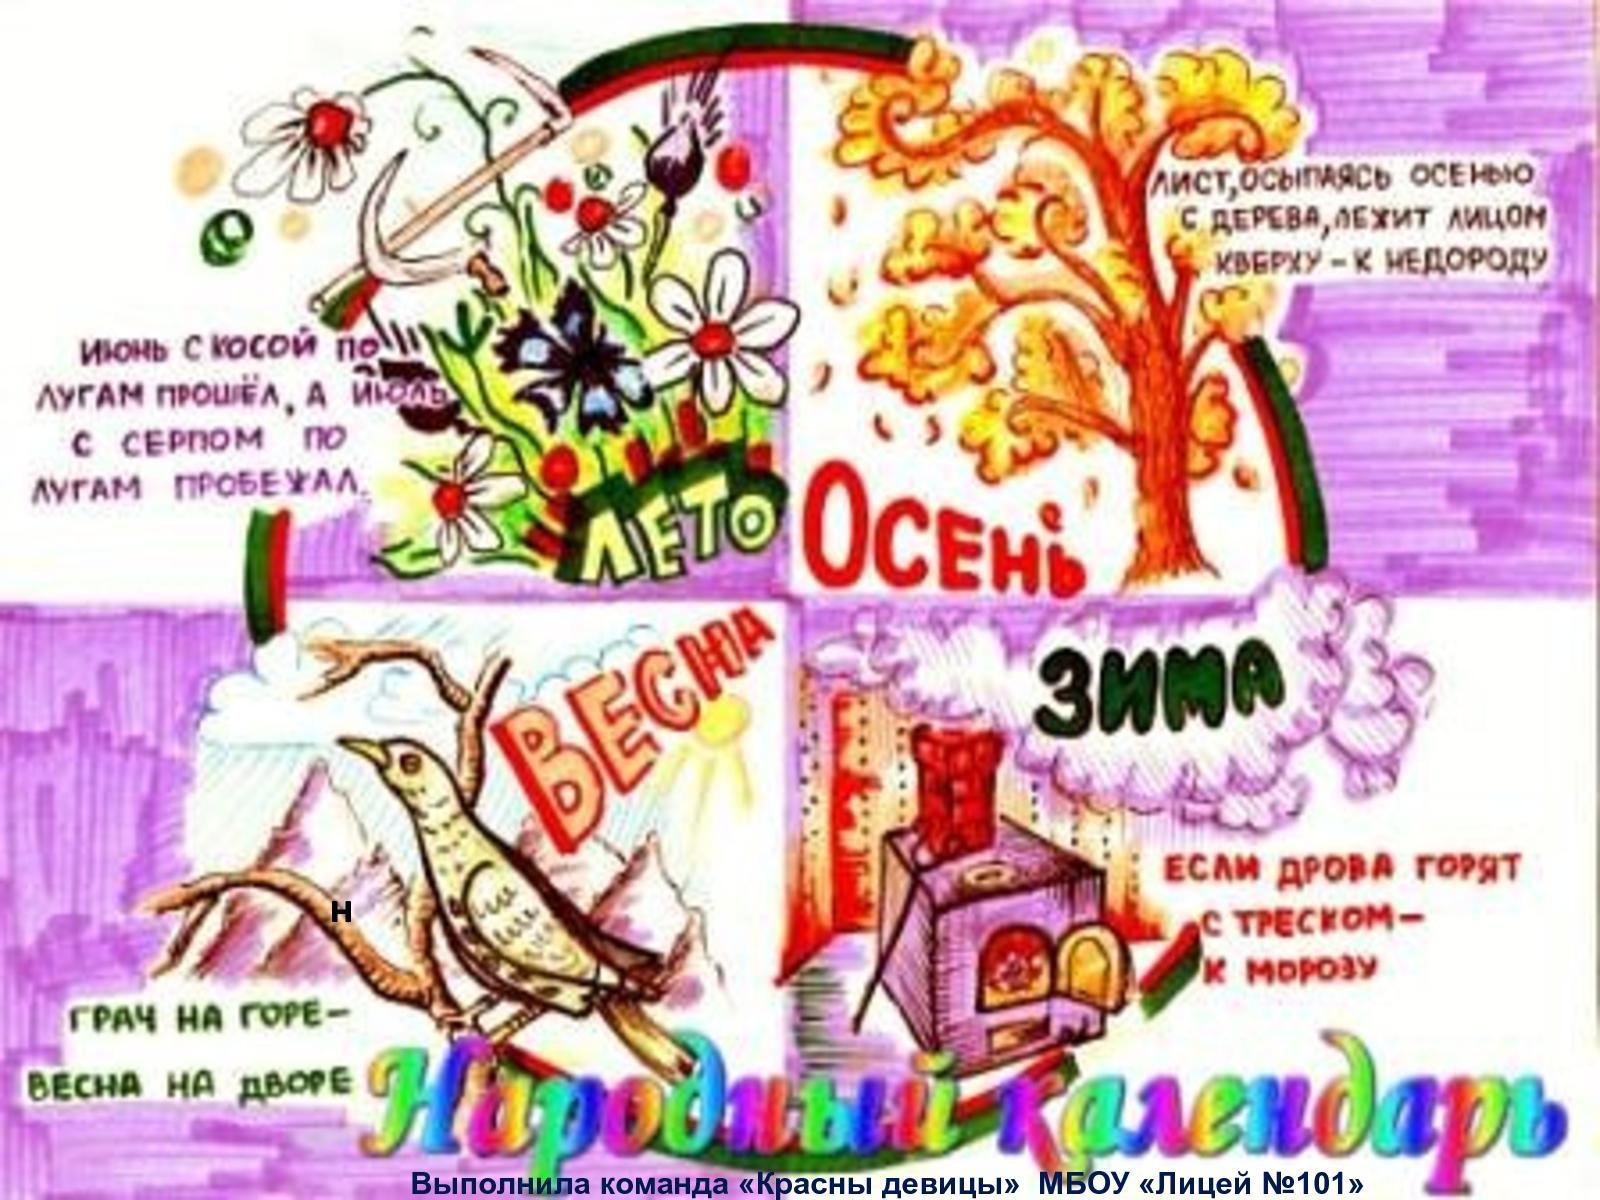 Святой 25 сентября Артамон (Автоном), традиции и народные приметы